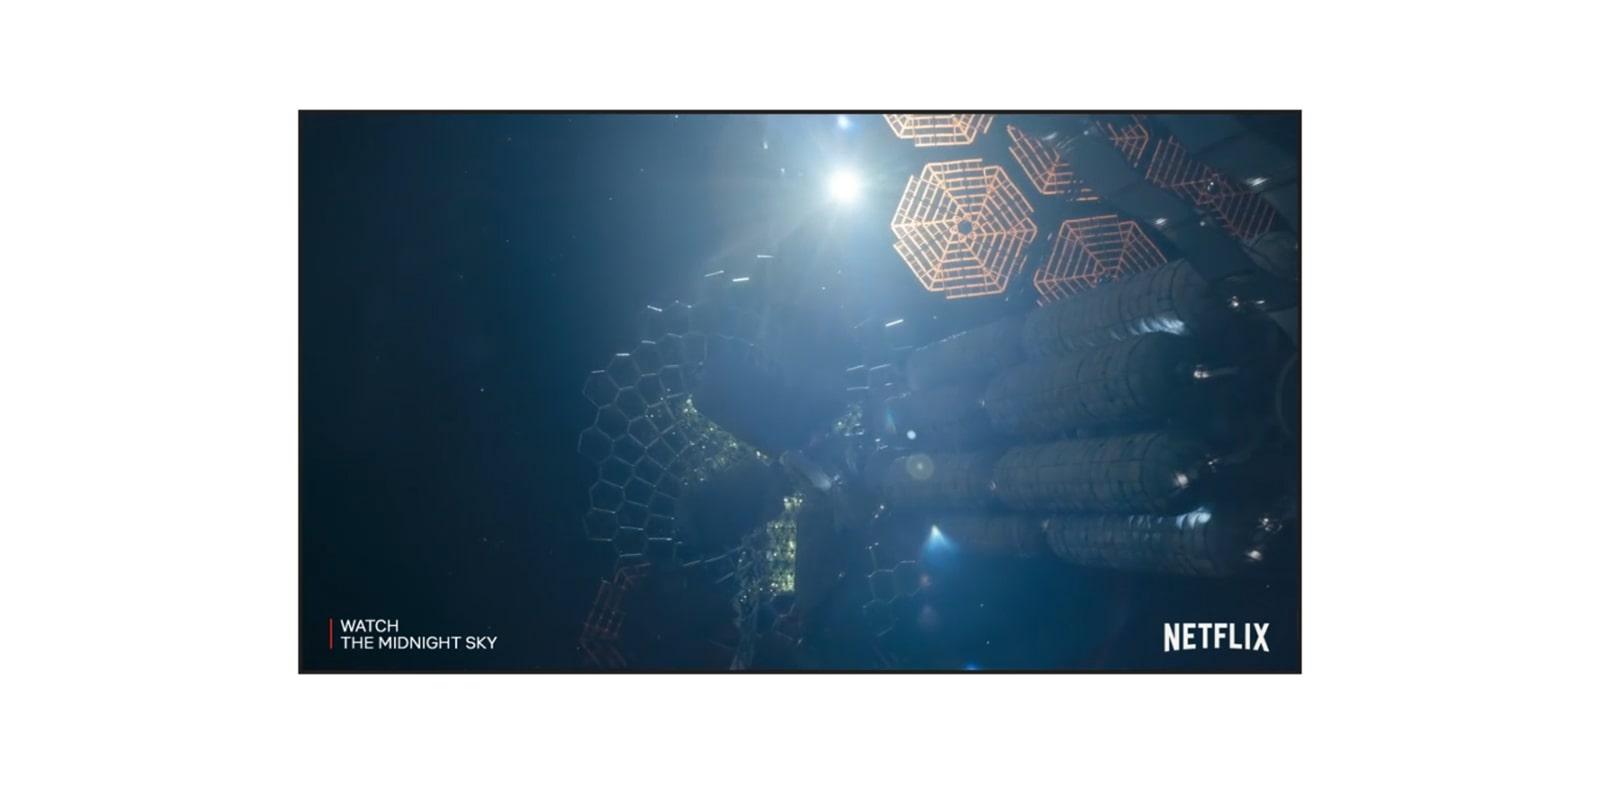 La pantalla de un TV muestra un avance de Cielo de medianoche en Netflix (reproducir el vídeo)